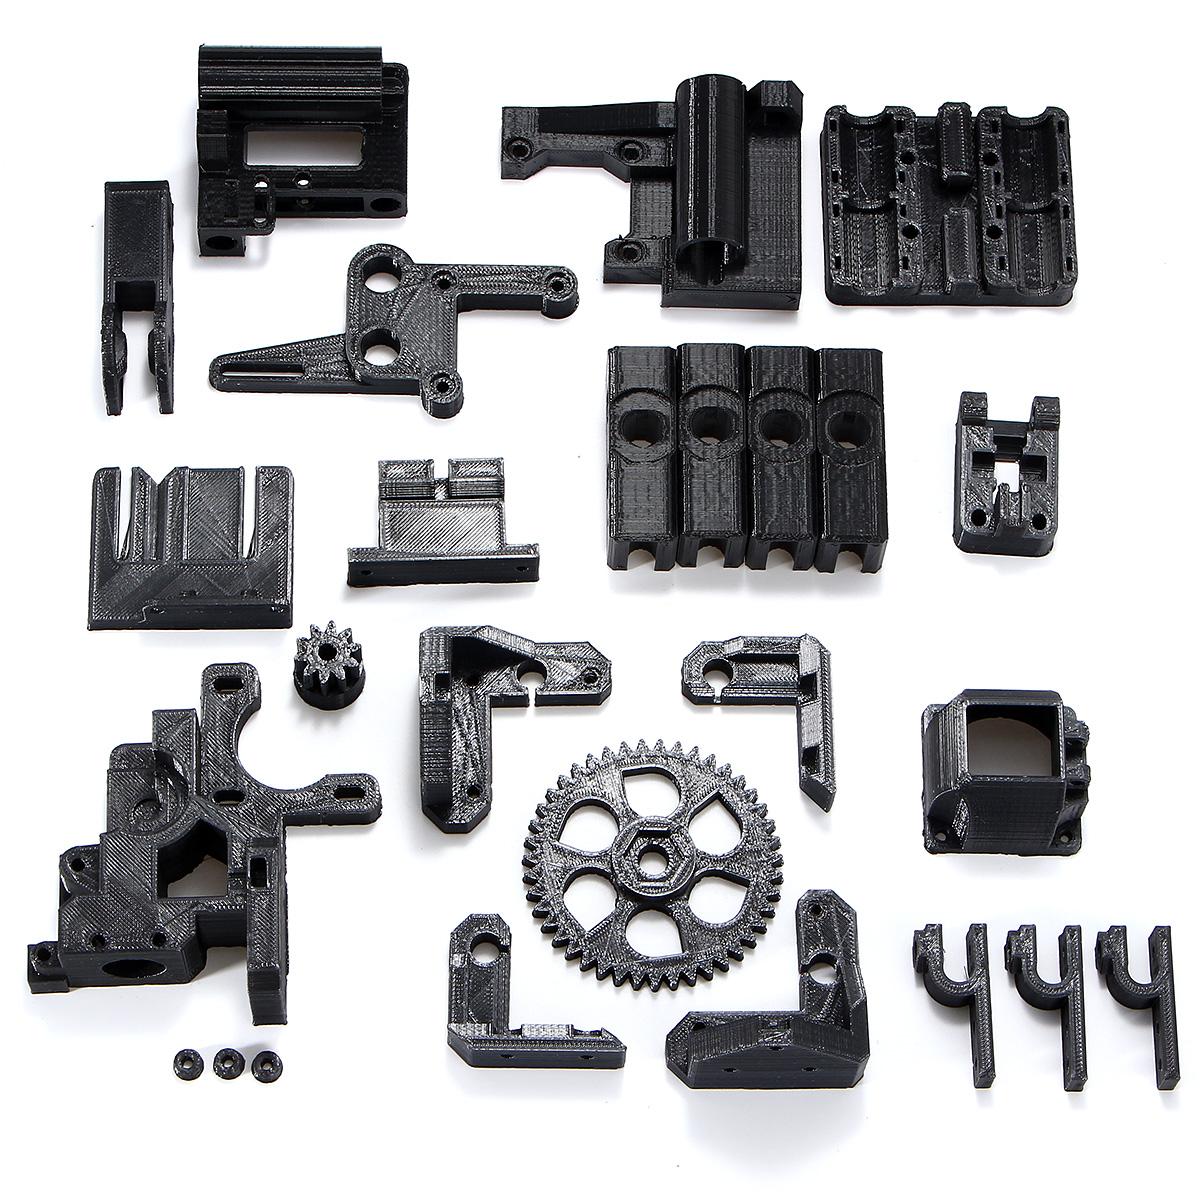 Черный ABS Нити Черный 3D Печатные Аксессуары Части DIY Набор Для RepRap Prusa i3 3D Принтер